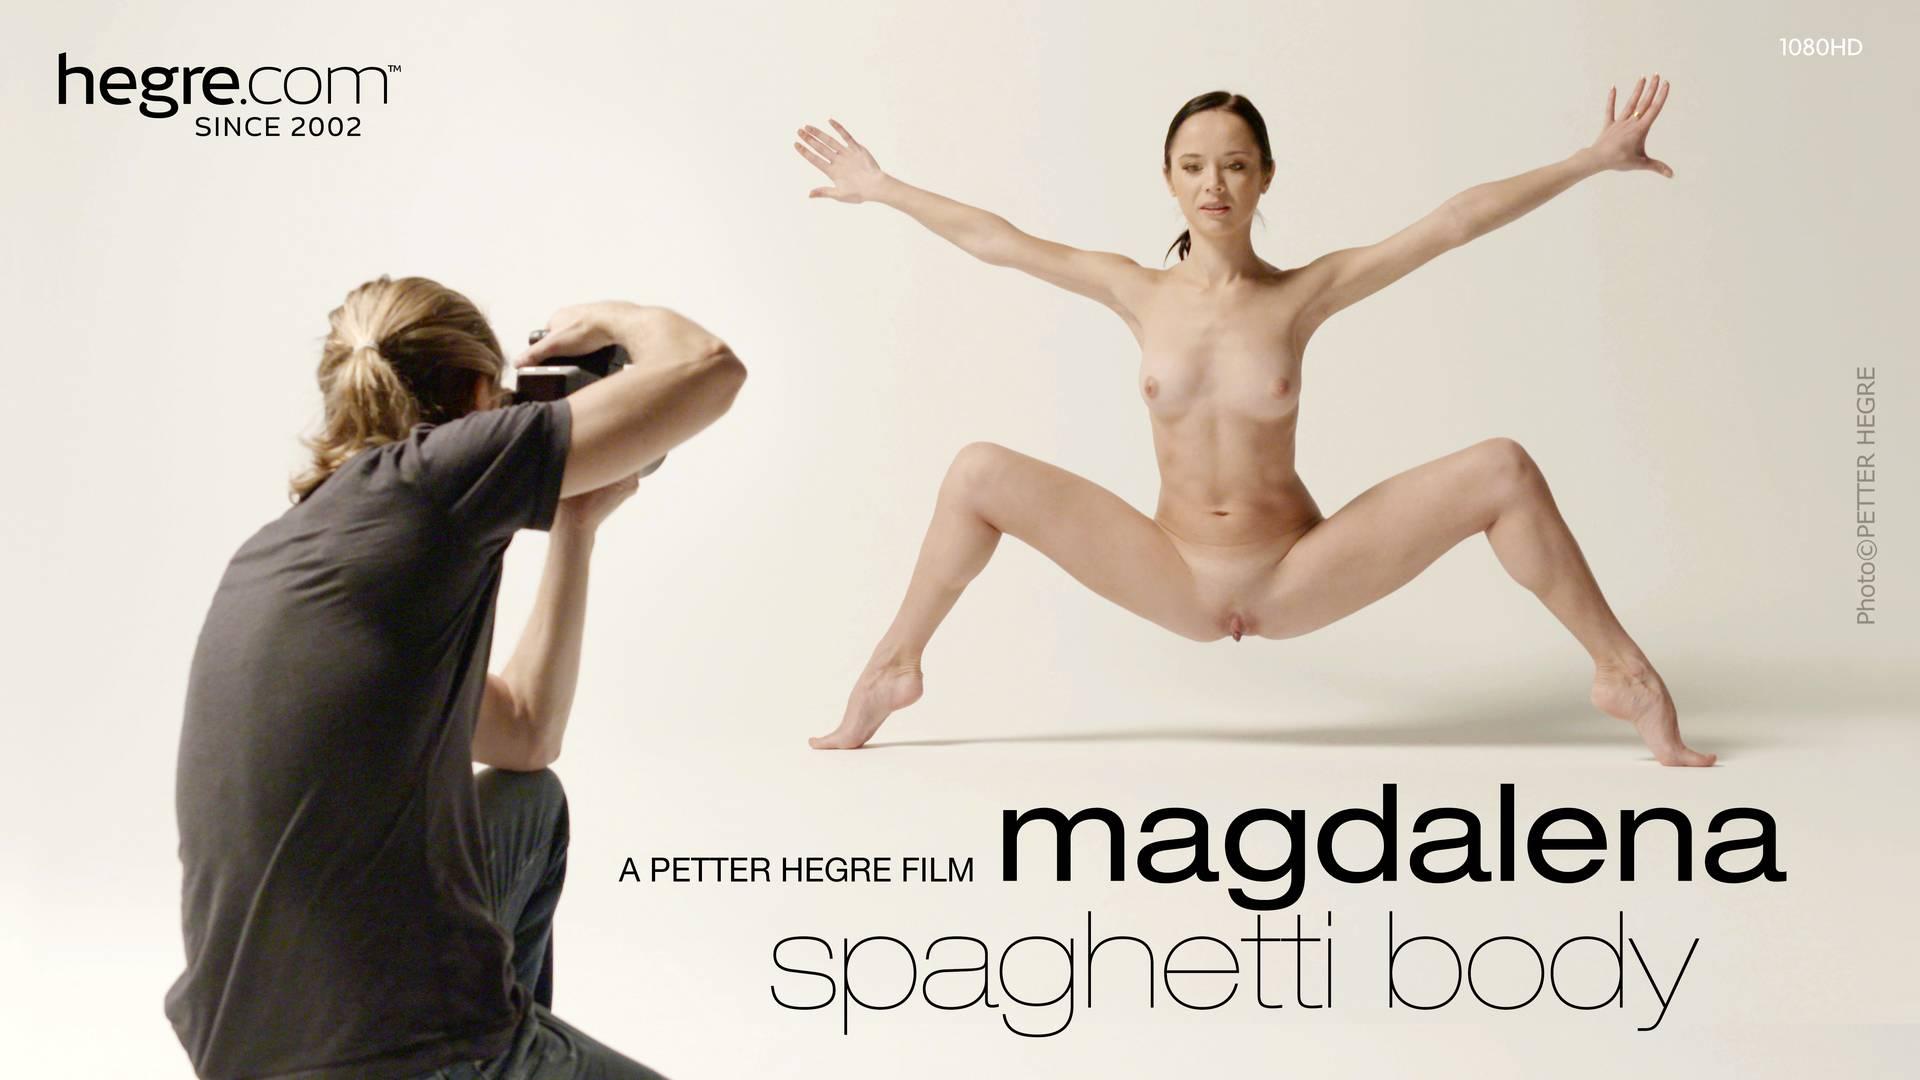 magdalena-spaghetti-body-board-image-1920x